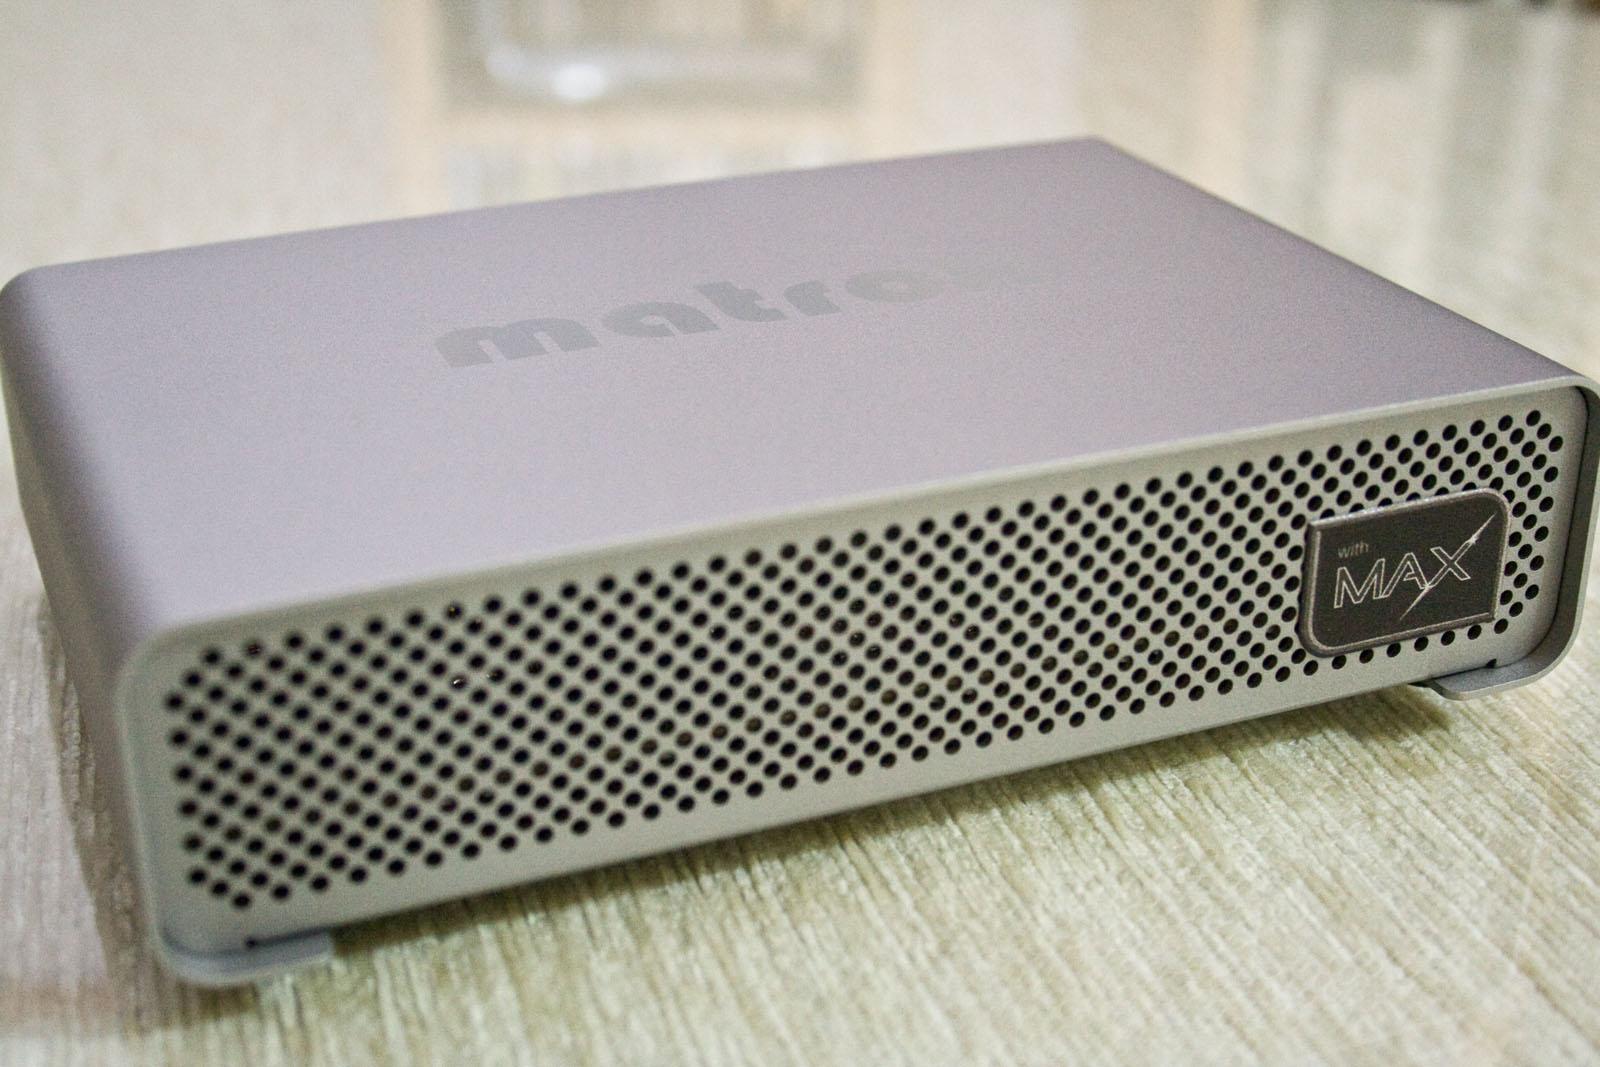 Matrox MXO2 Mini con el chip Max que comprime por hardware vídeo H.264